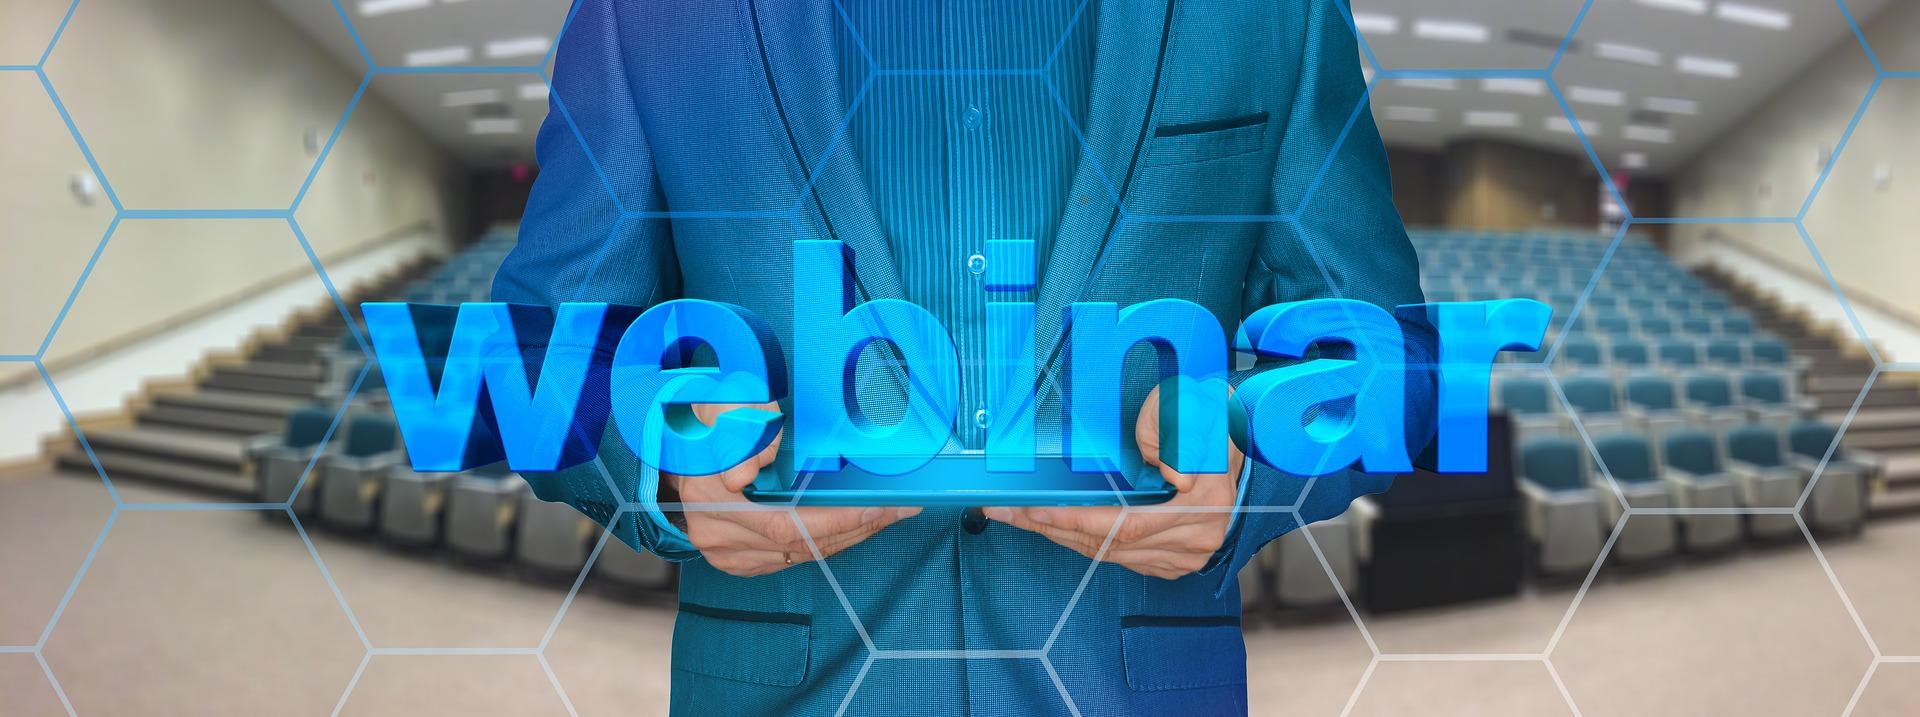 Webinar Platforms For Business Events